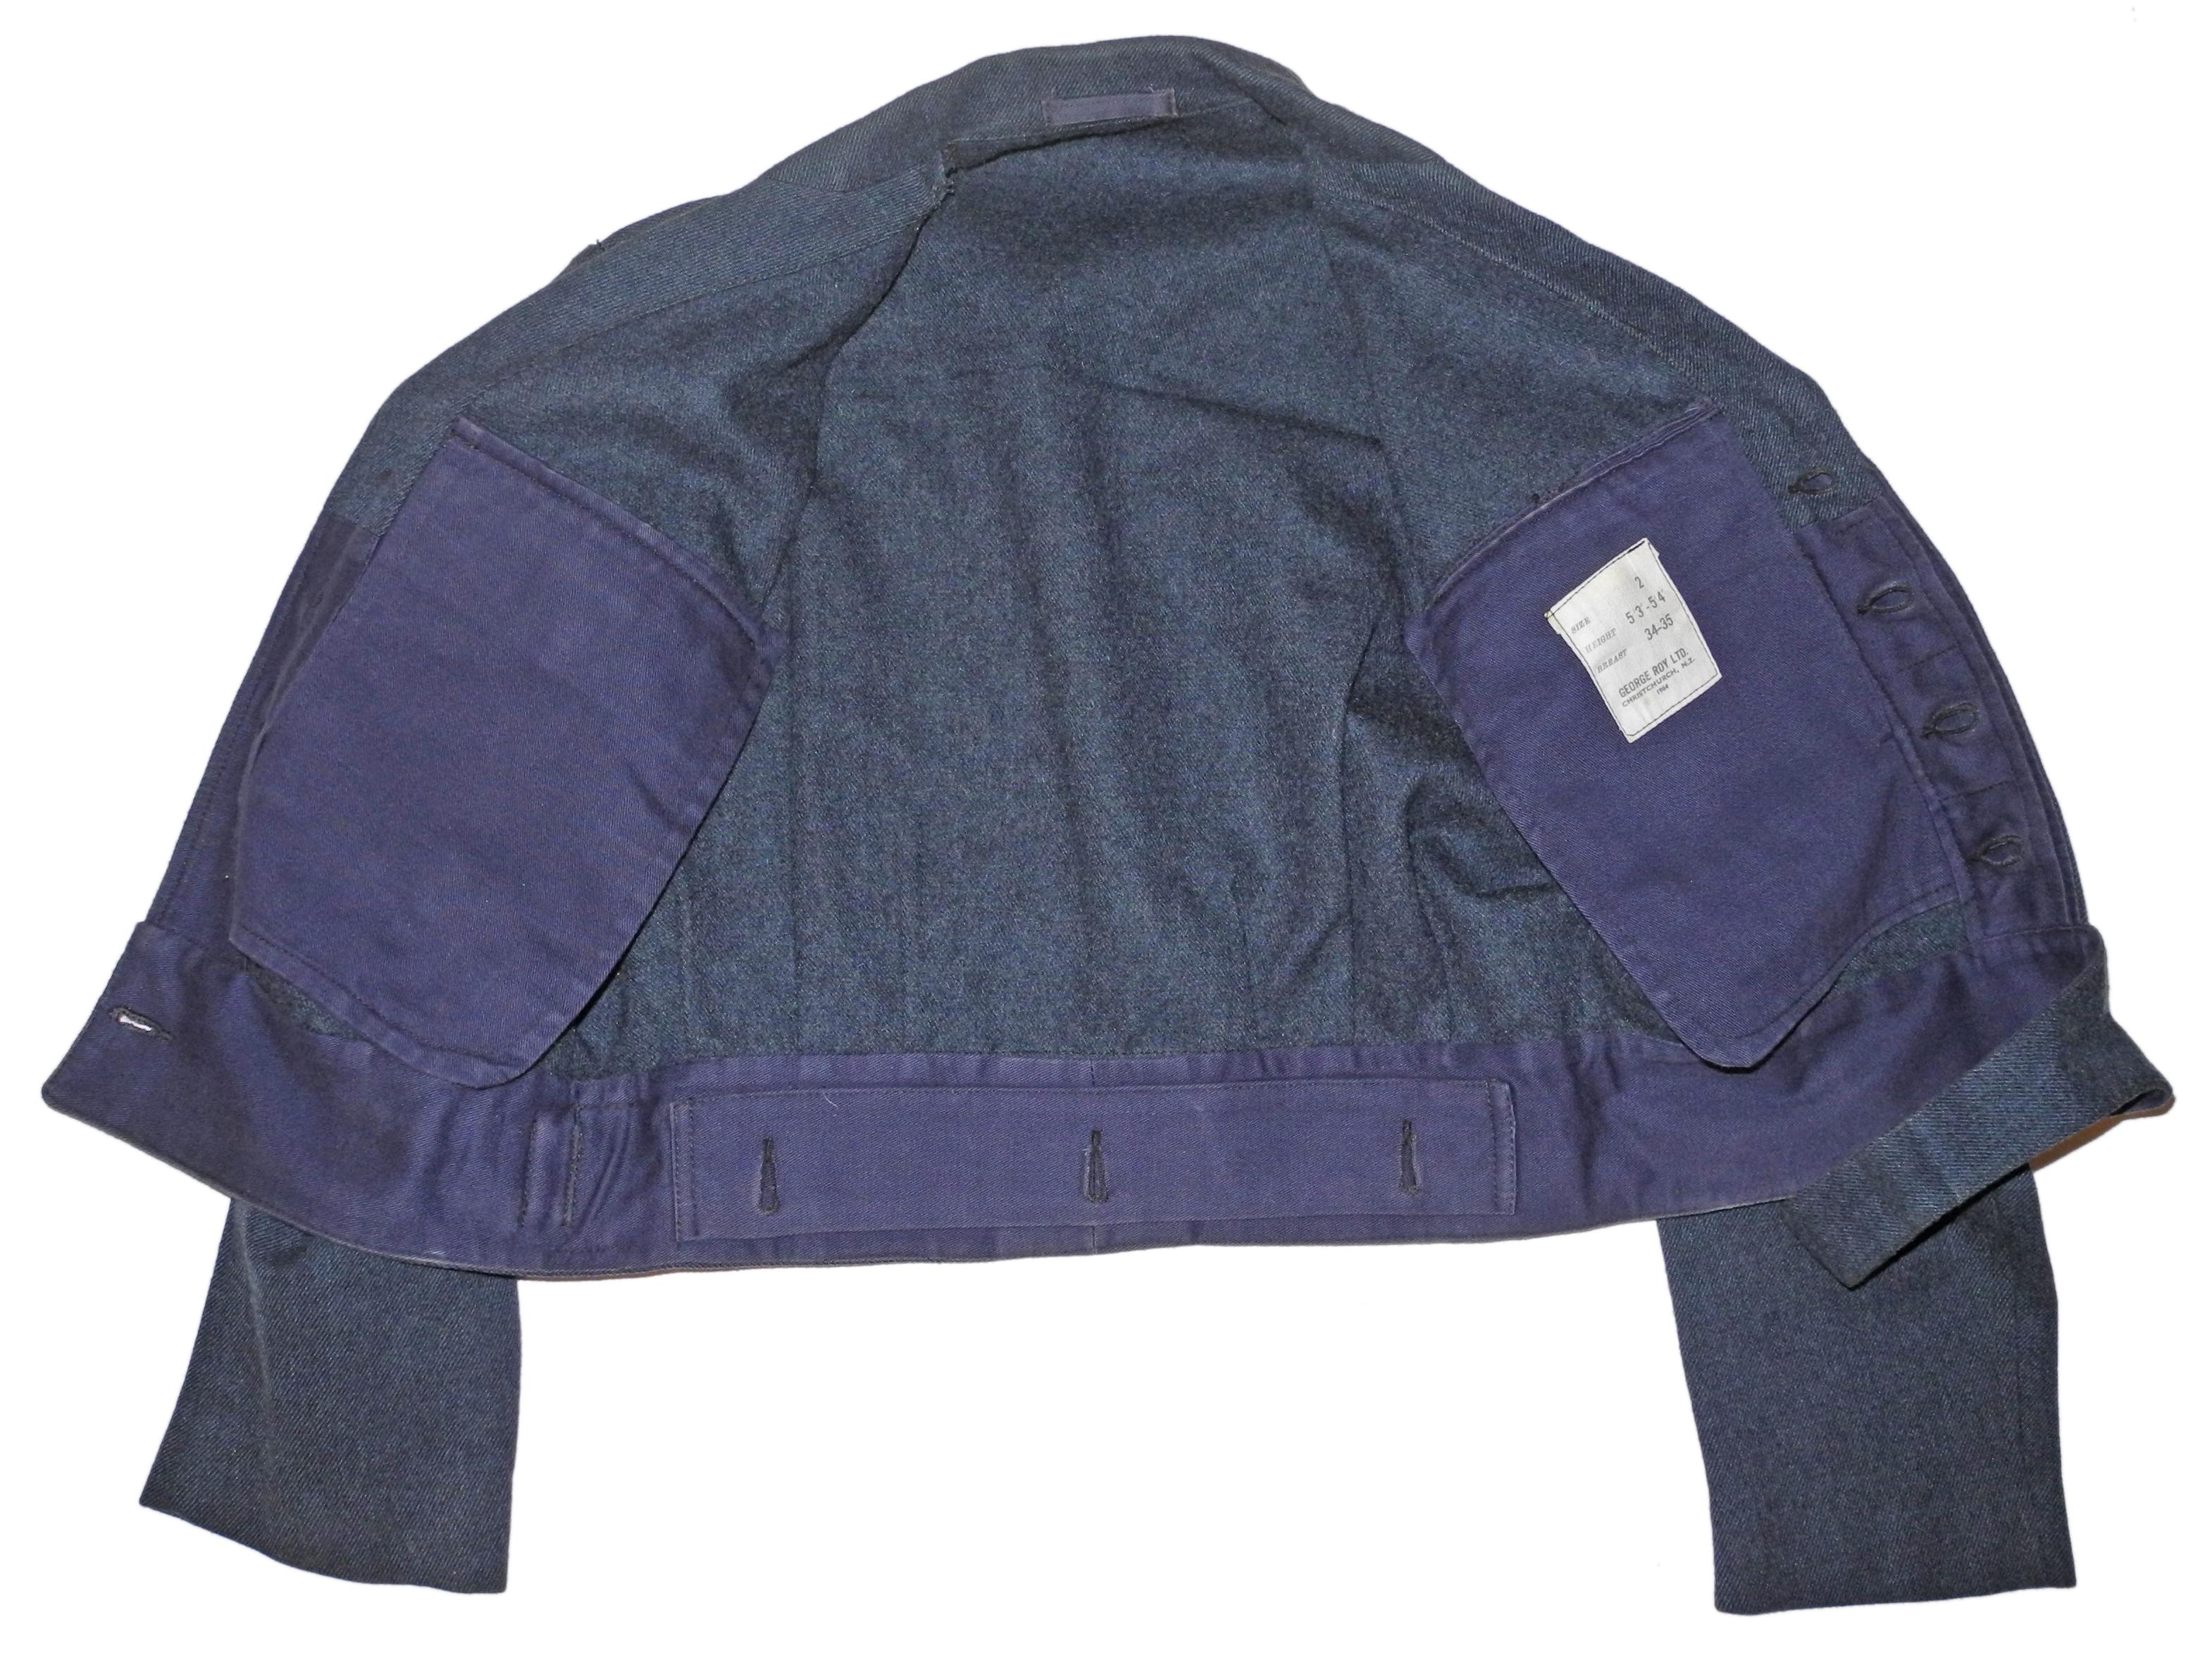 RNZAF battledress blouse dated 1964